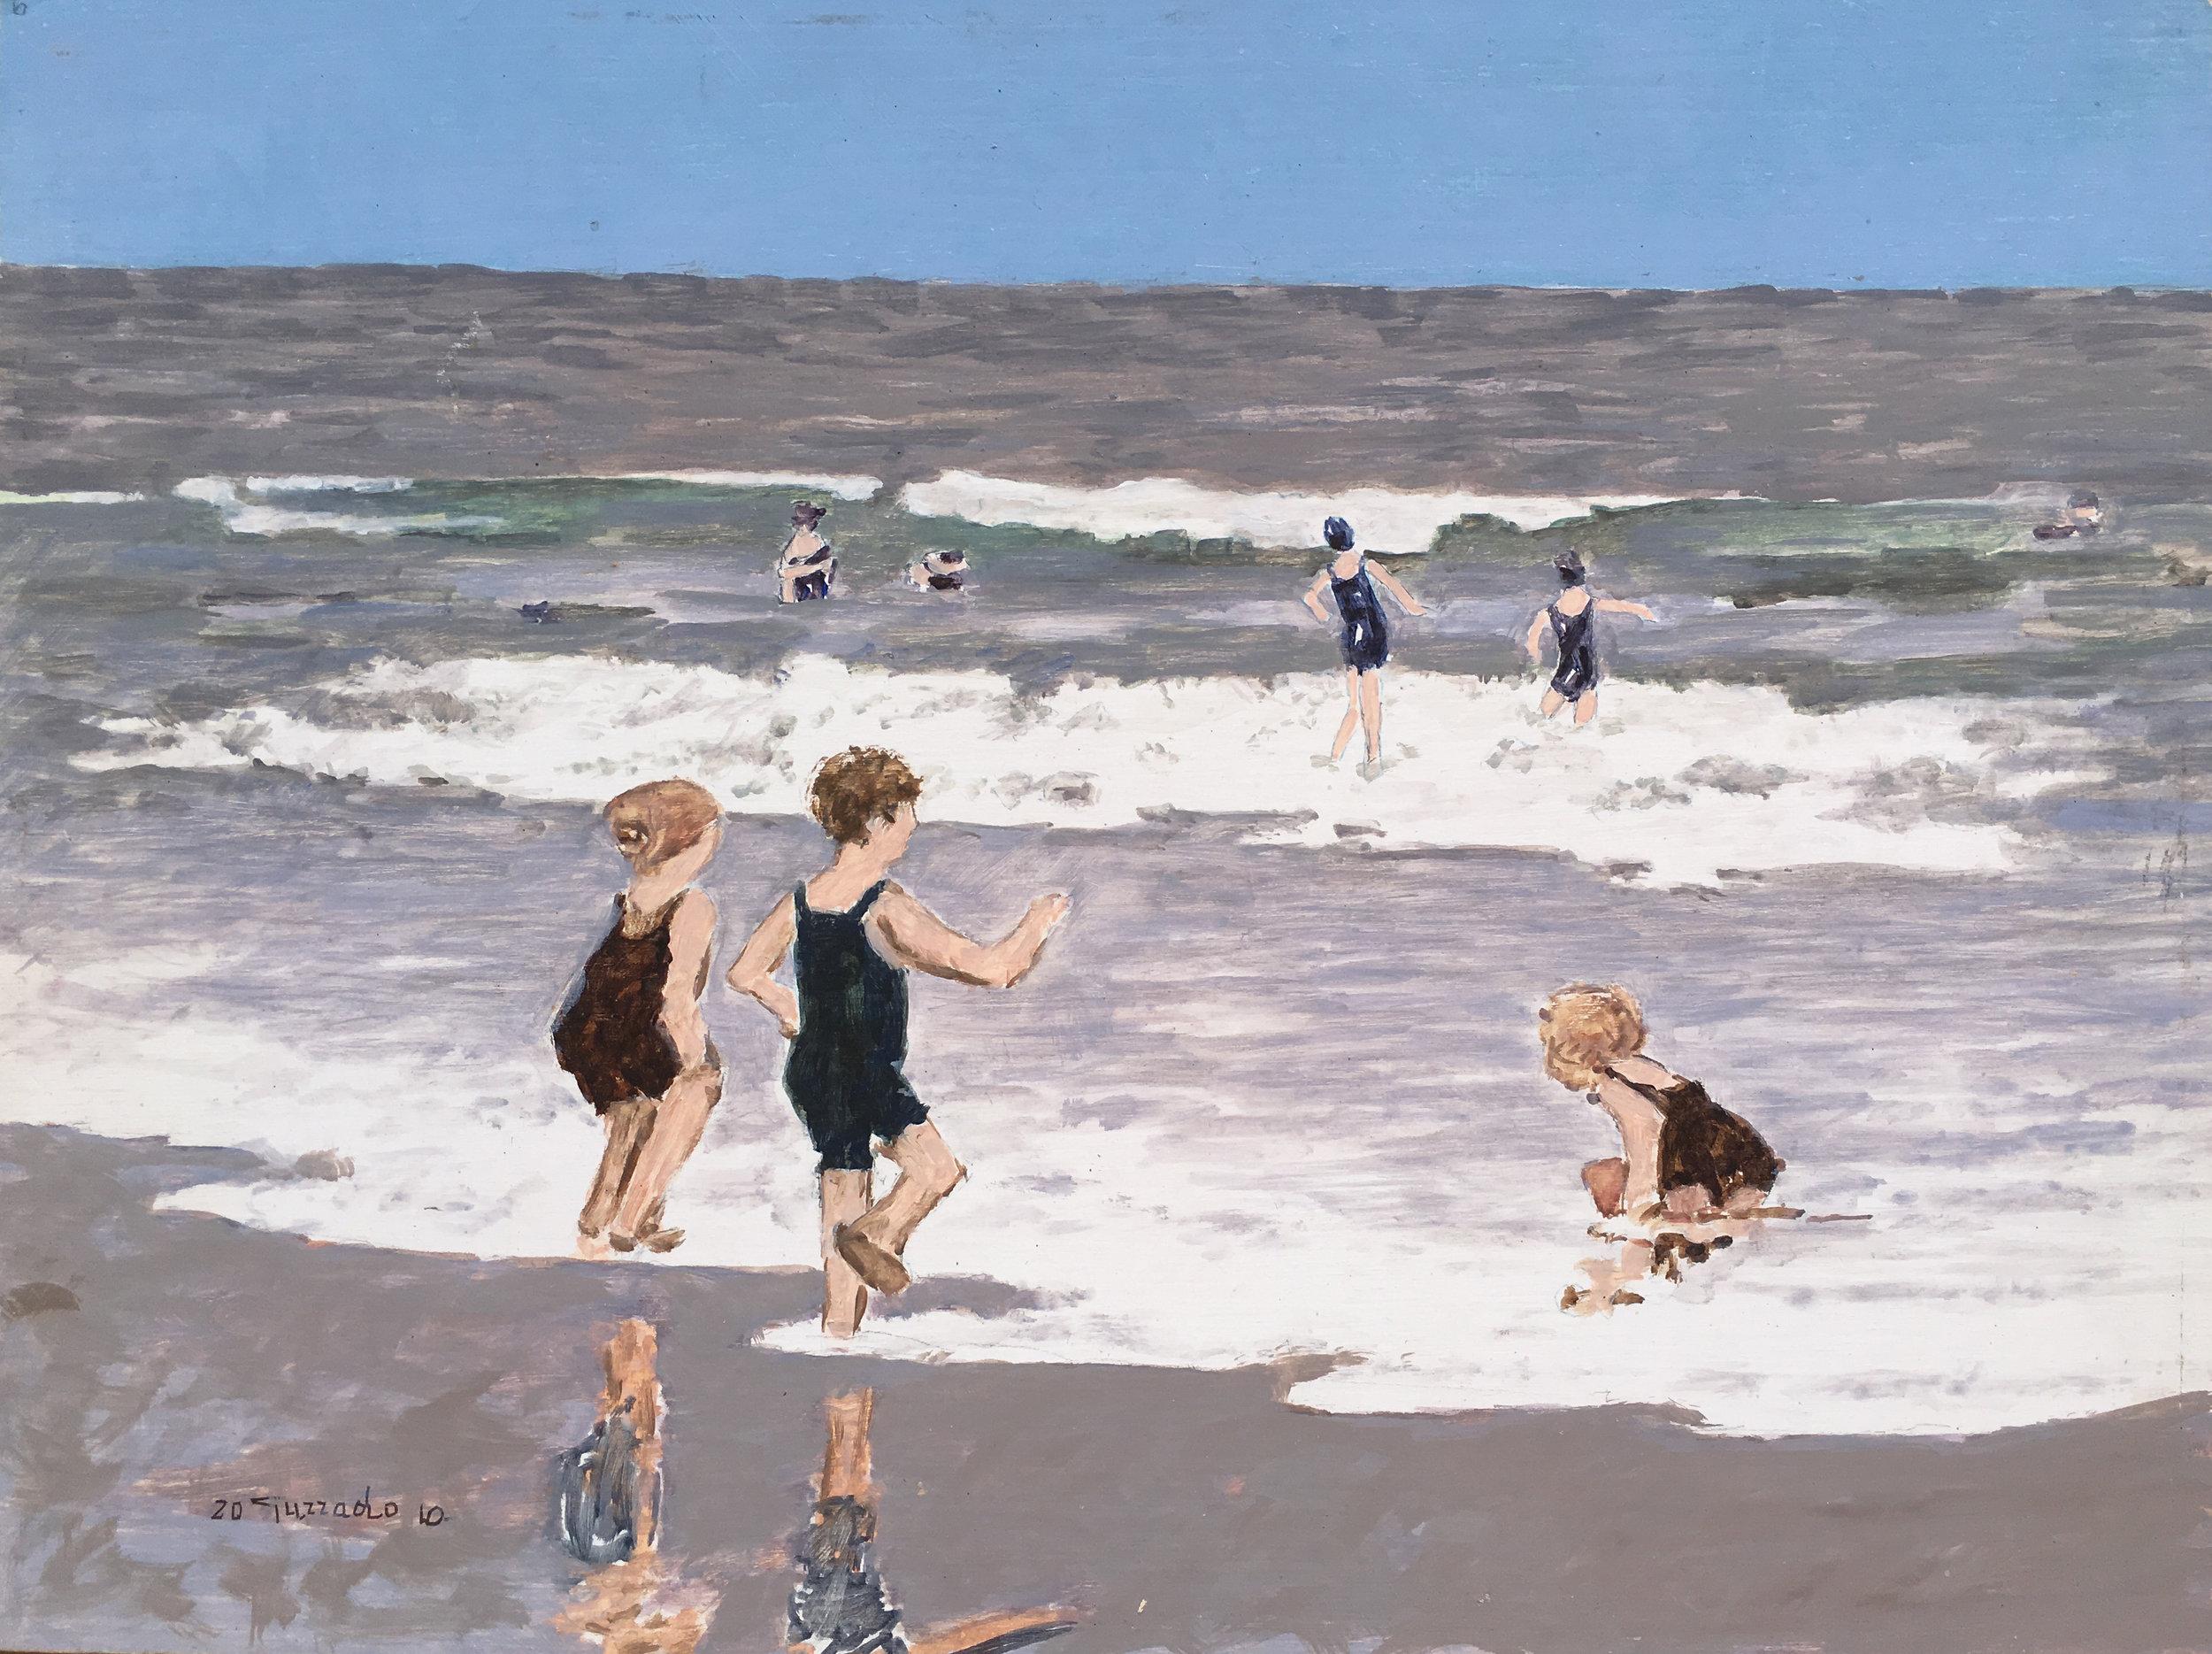 Bambini sulle onde